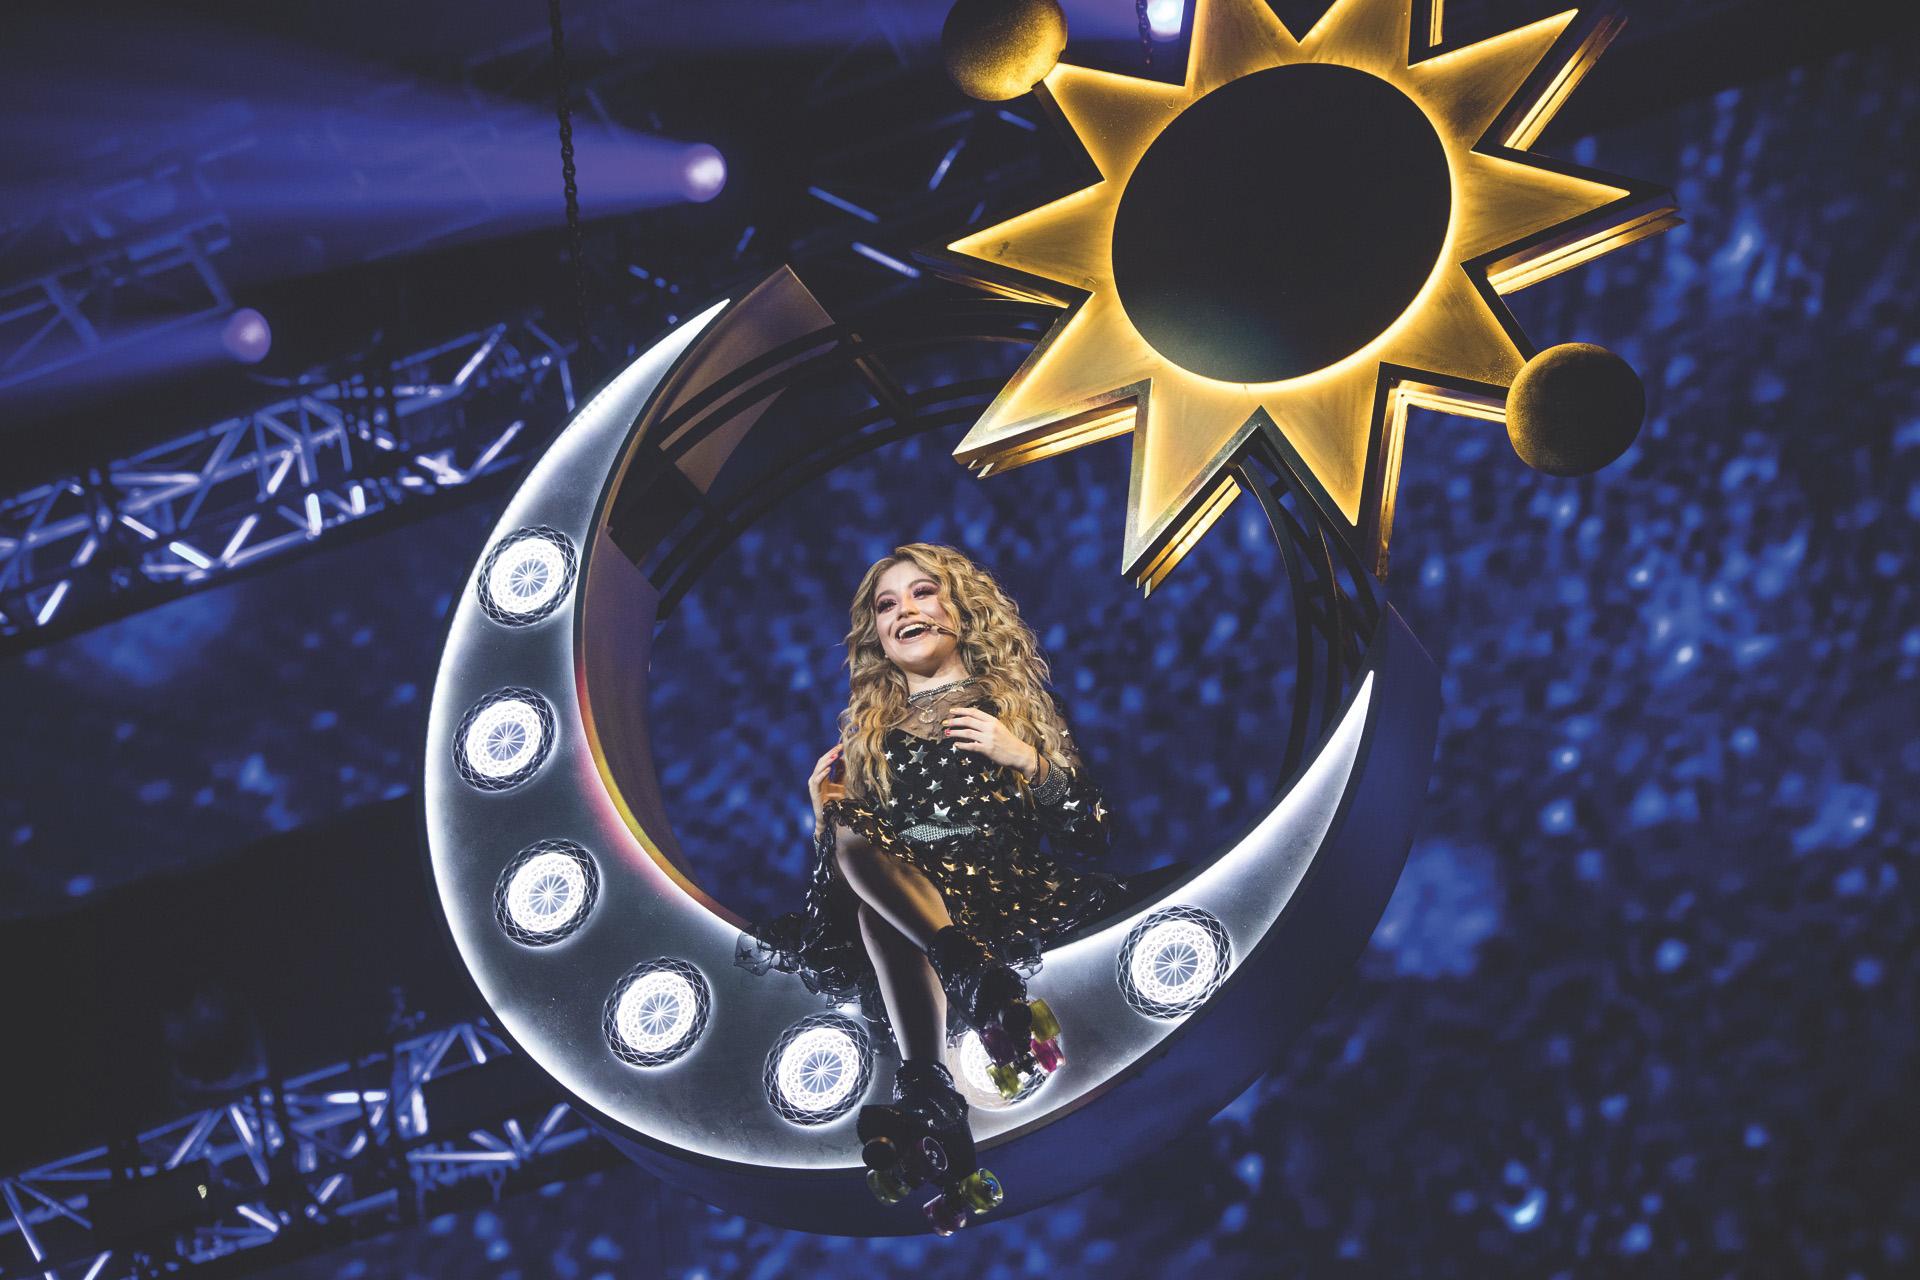 Luna en pleno show